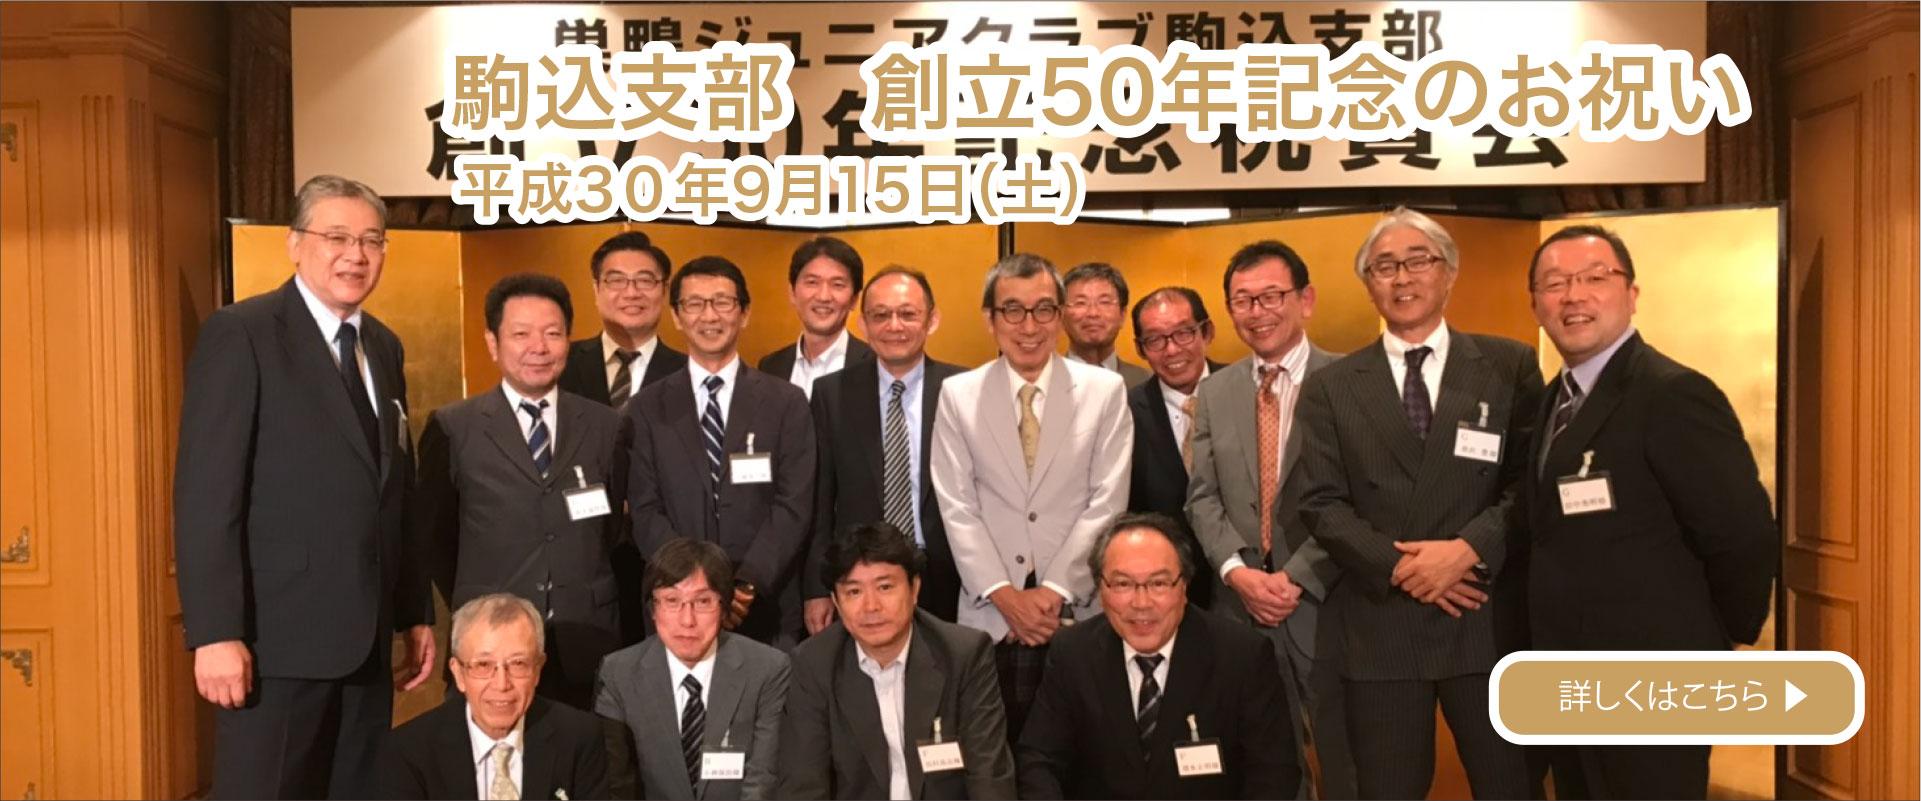 9 月 15 日 駒込支部 創立 50 年記念のお祝い